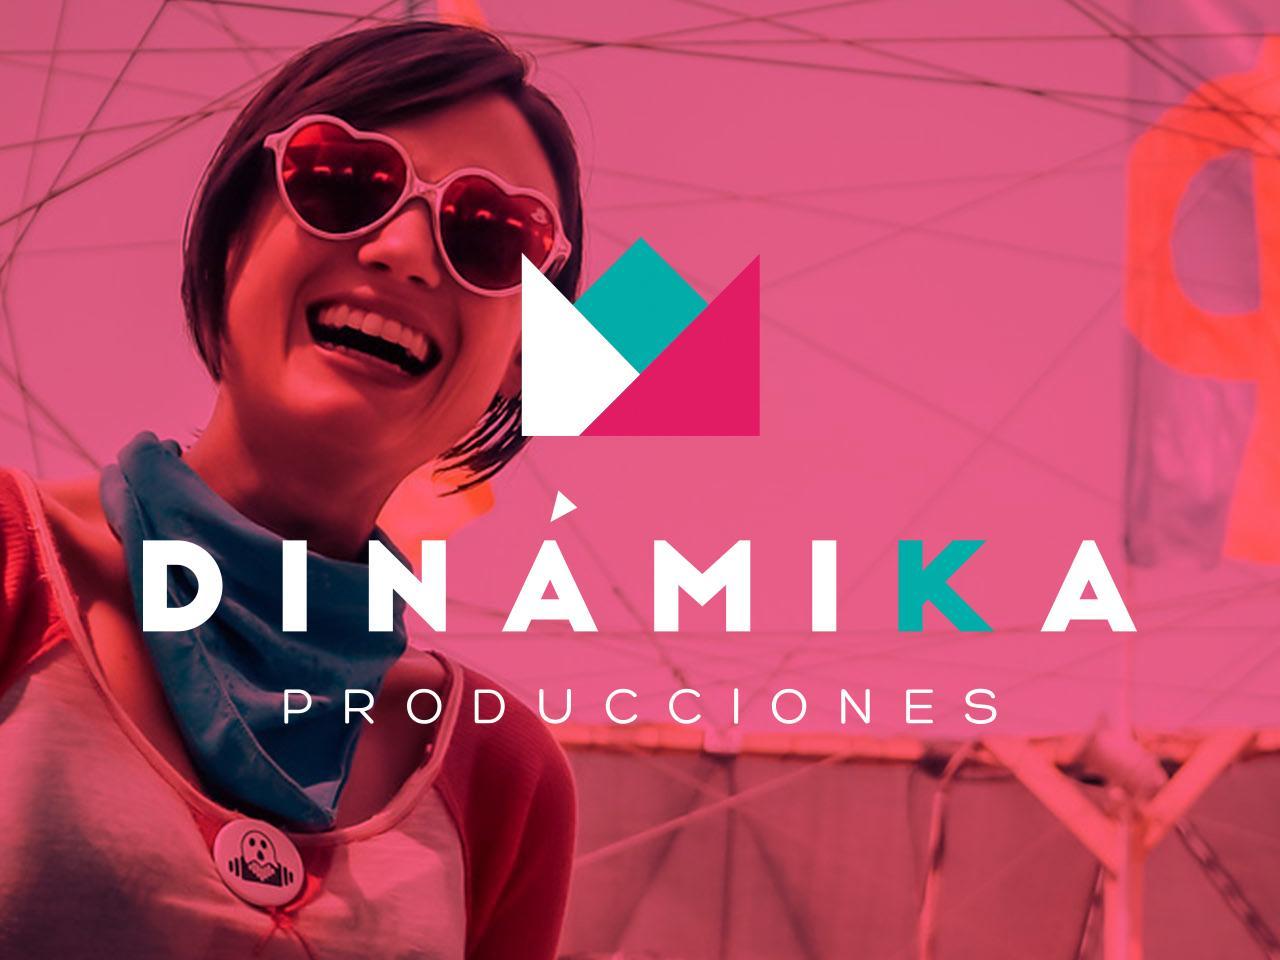 Imagen de Dinamika Producción de Eventos en Bogotá por Movidagrafica